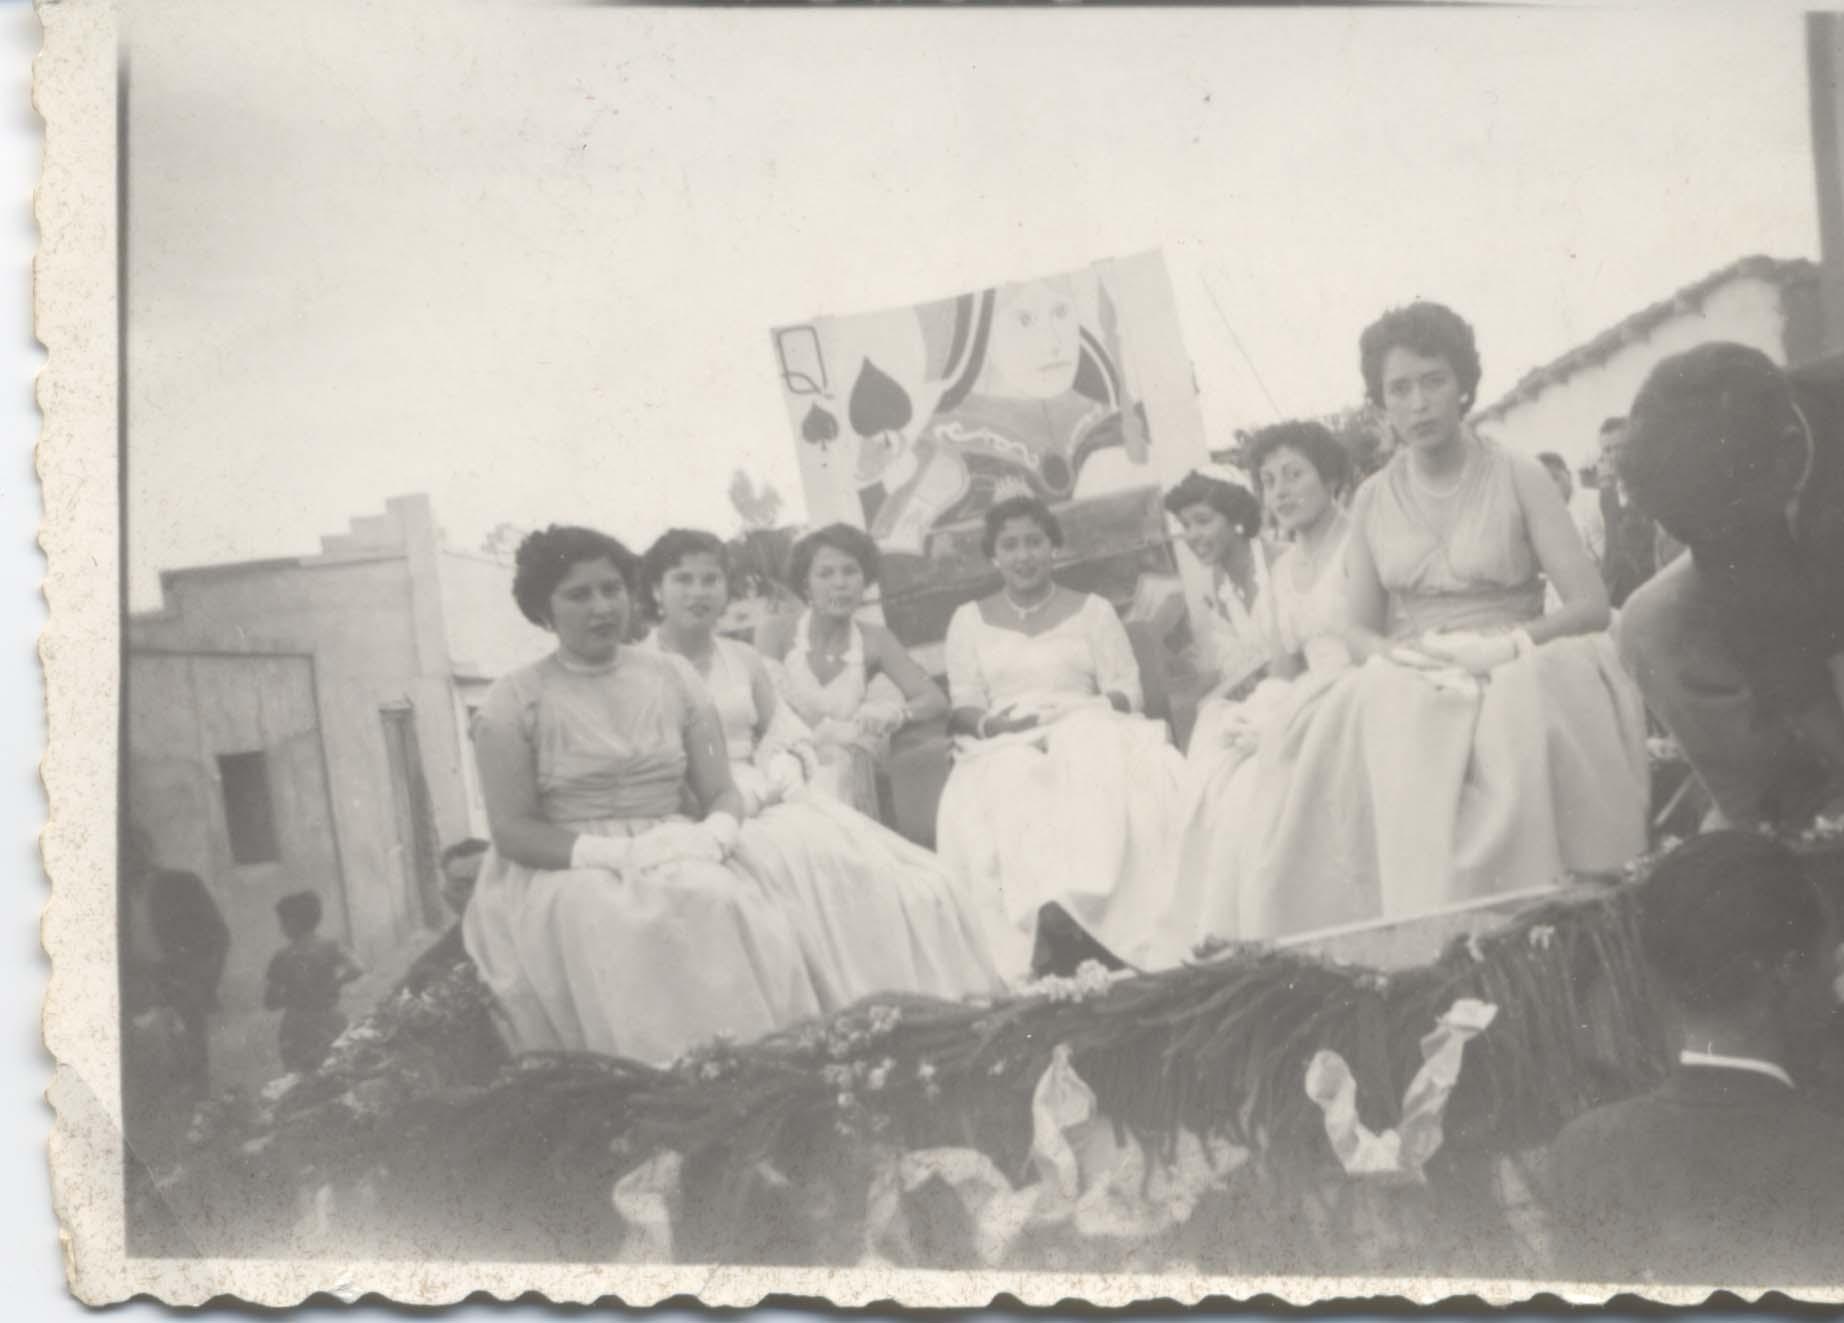 A celebrar la primavera! - Memorias del Siglo XX - Chile - DIBAM